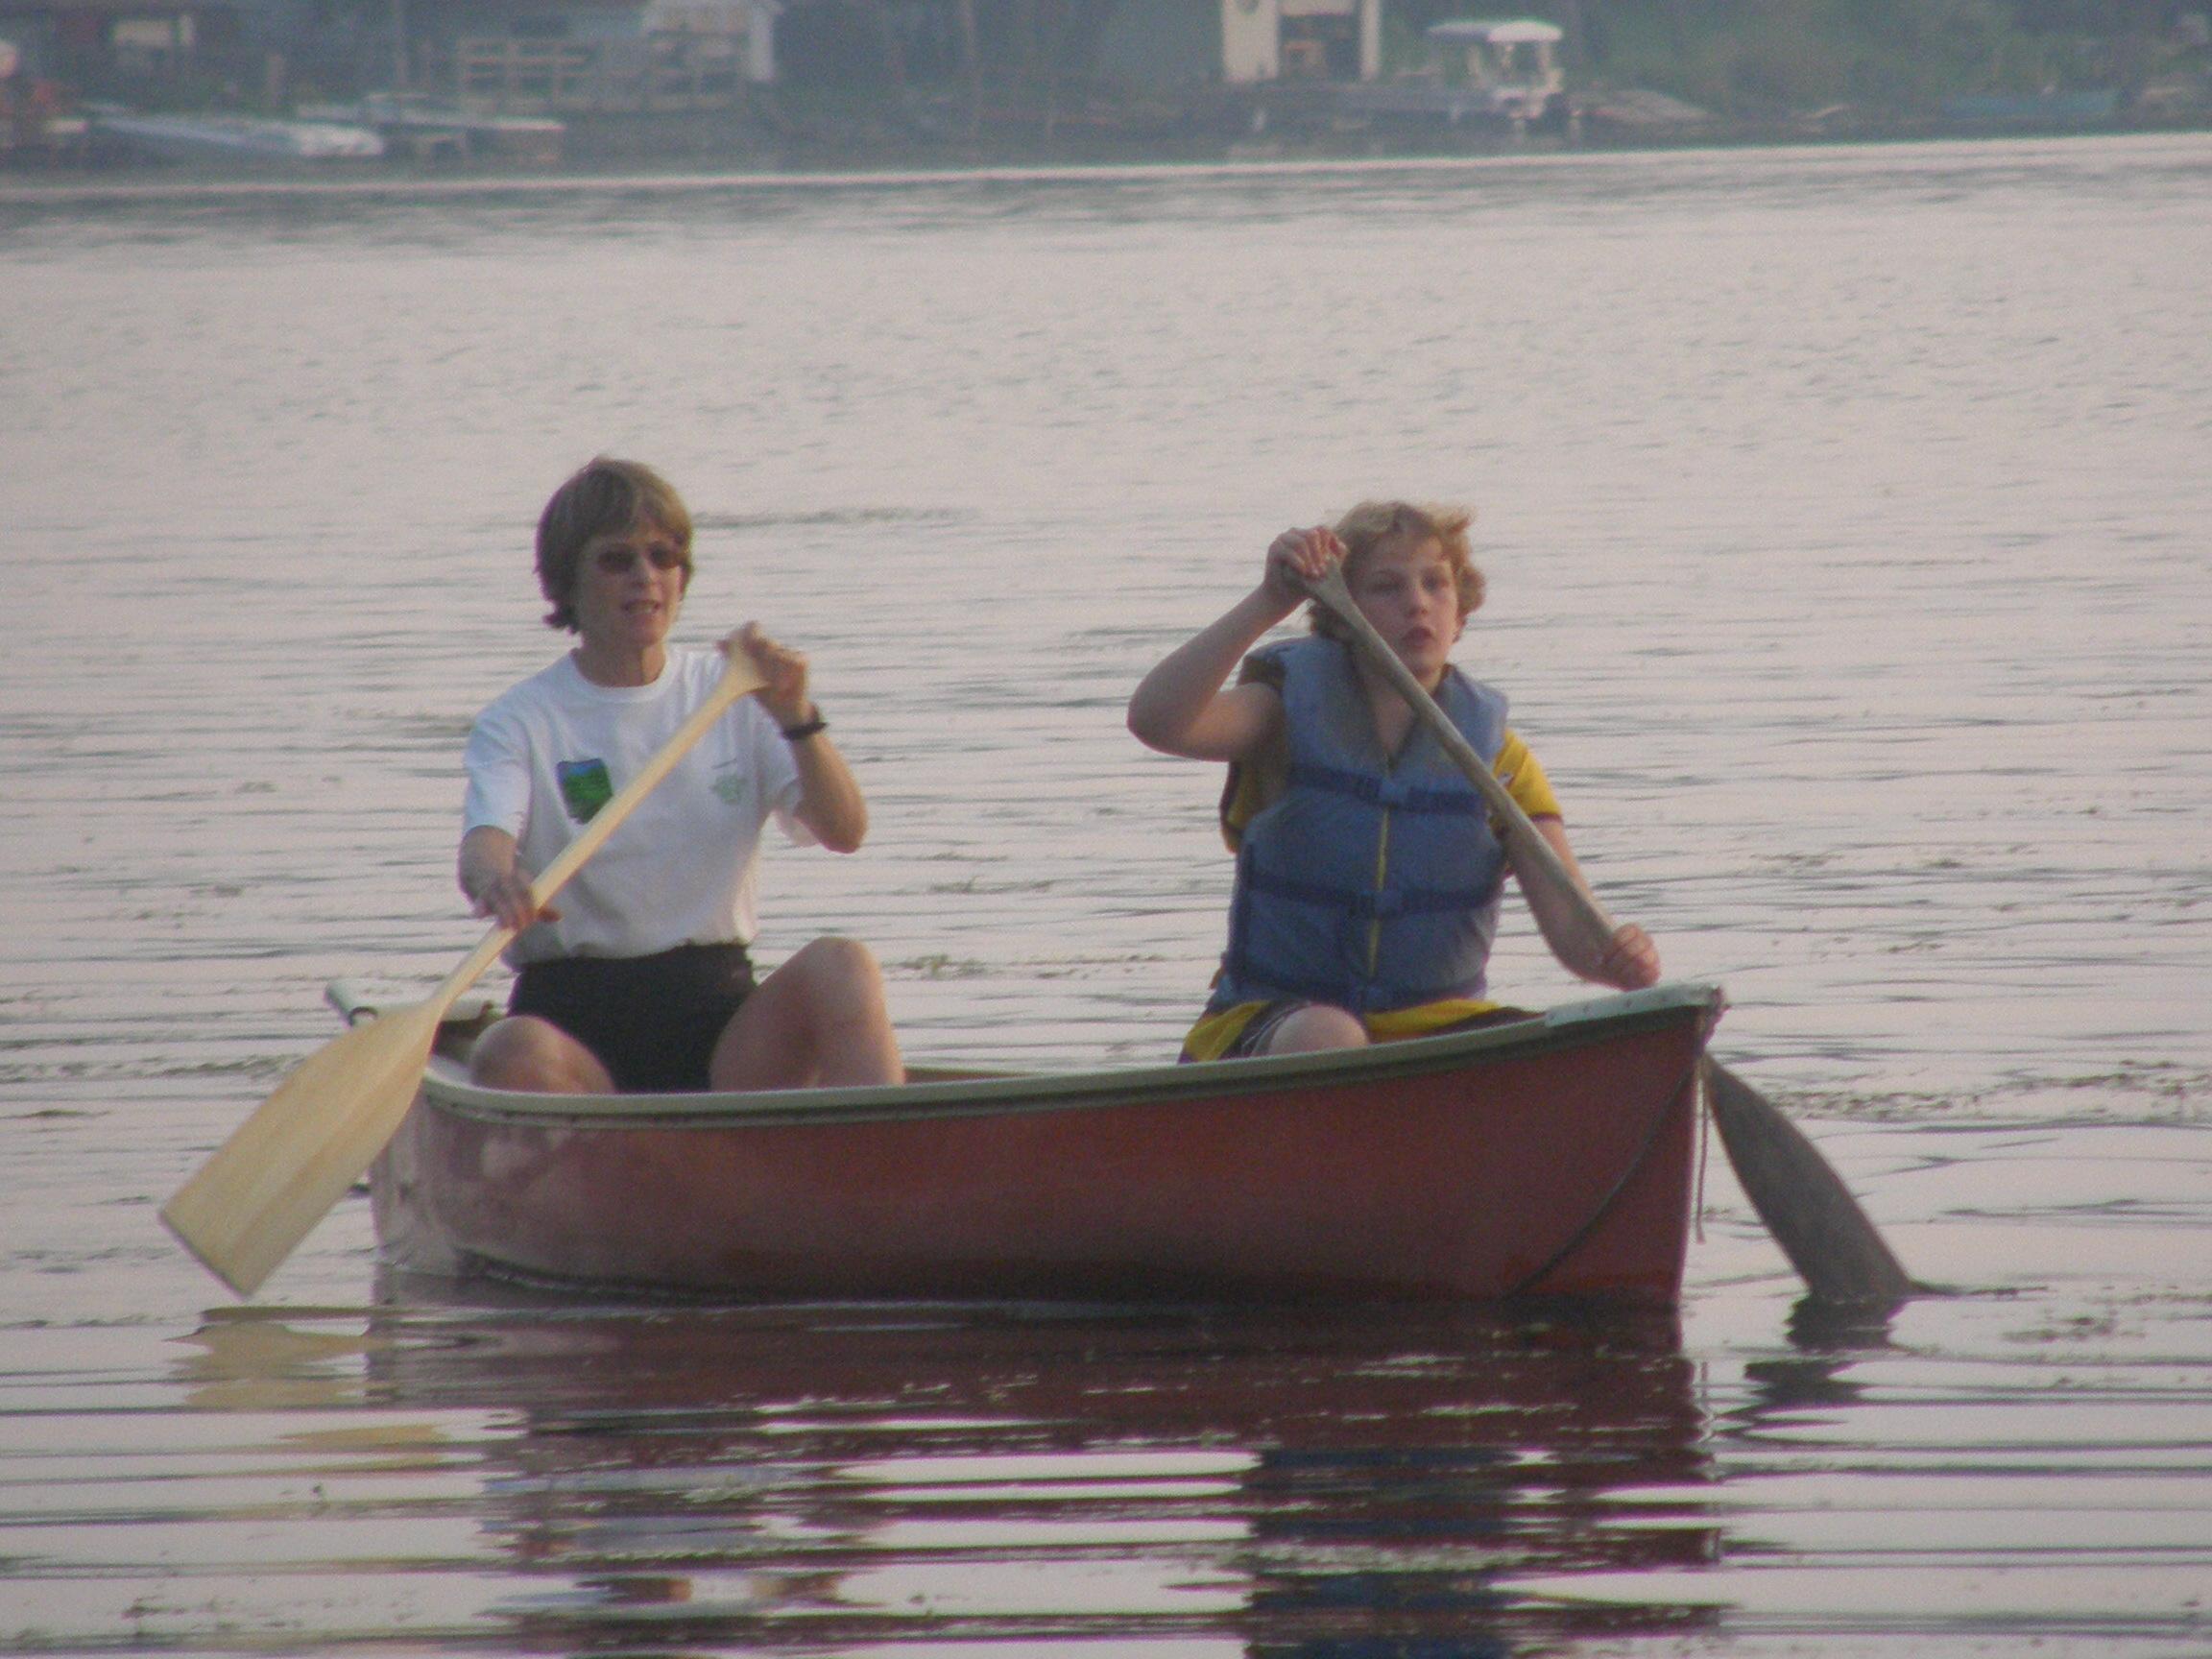 Canoeing at Sunset Cove Resort